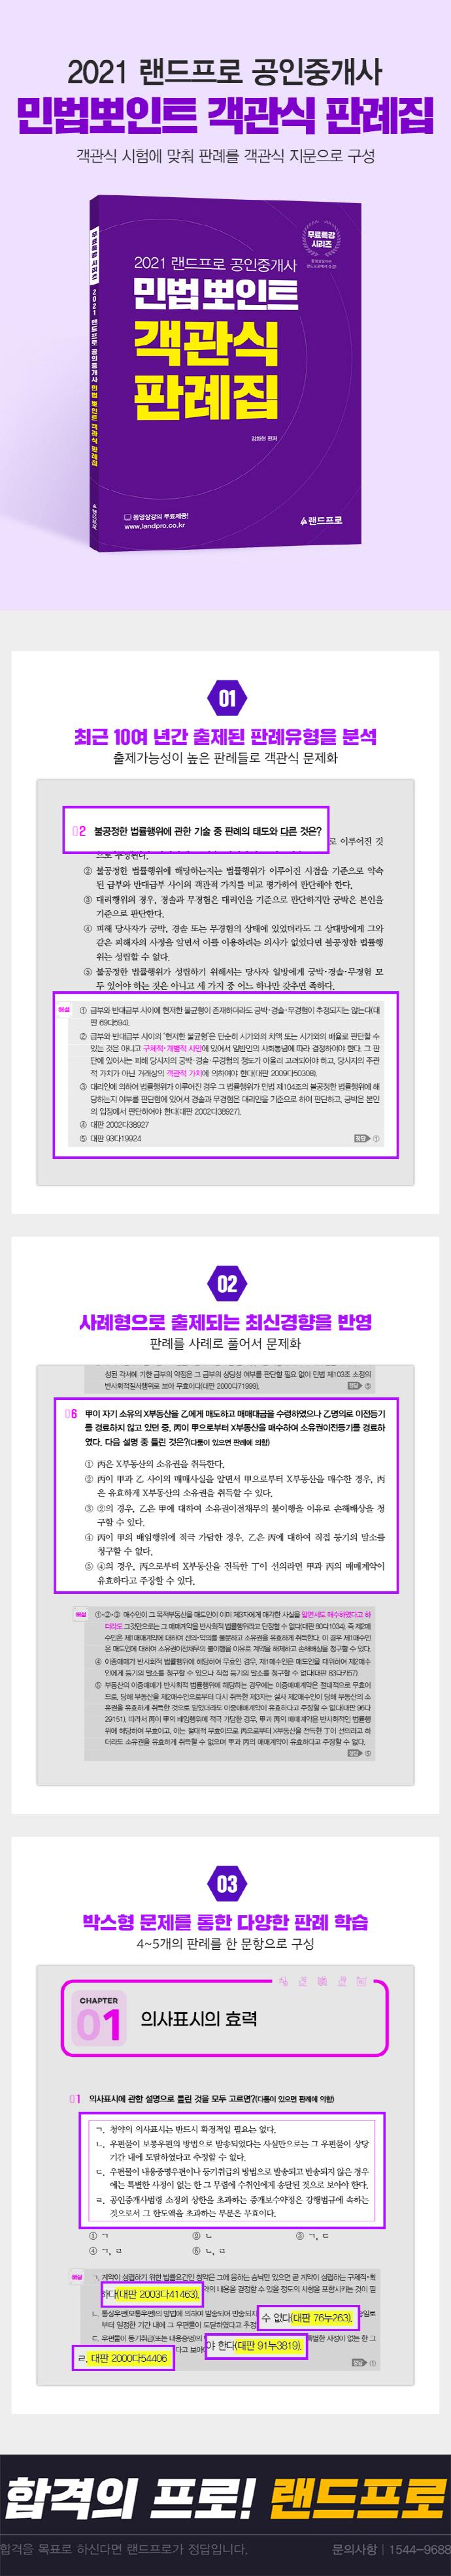 2021 랜드프로 공인중개사 민법뽀인트 객관식 판례집 도서 상세이미지